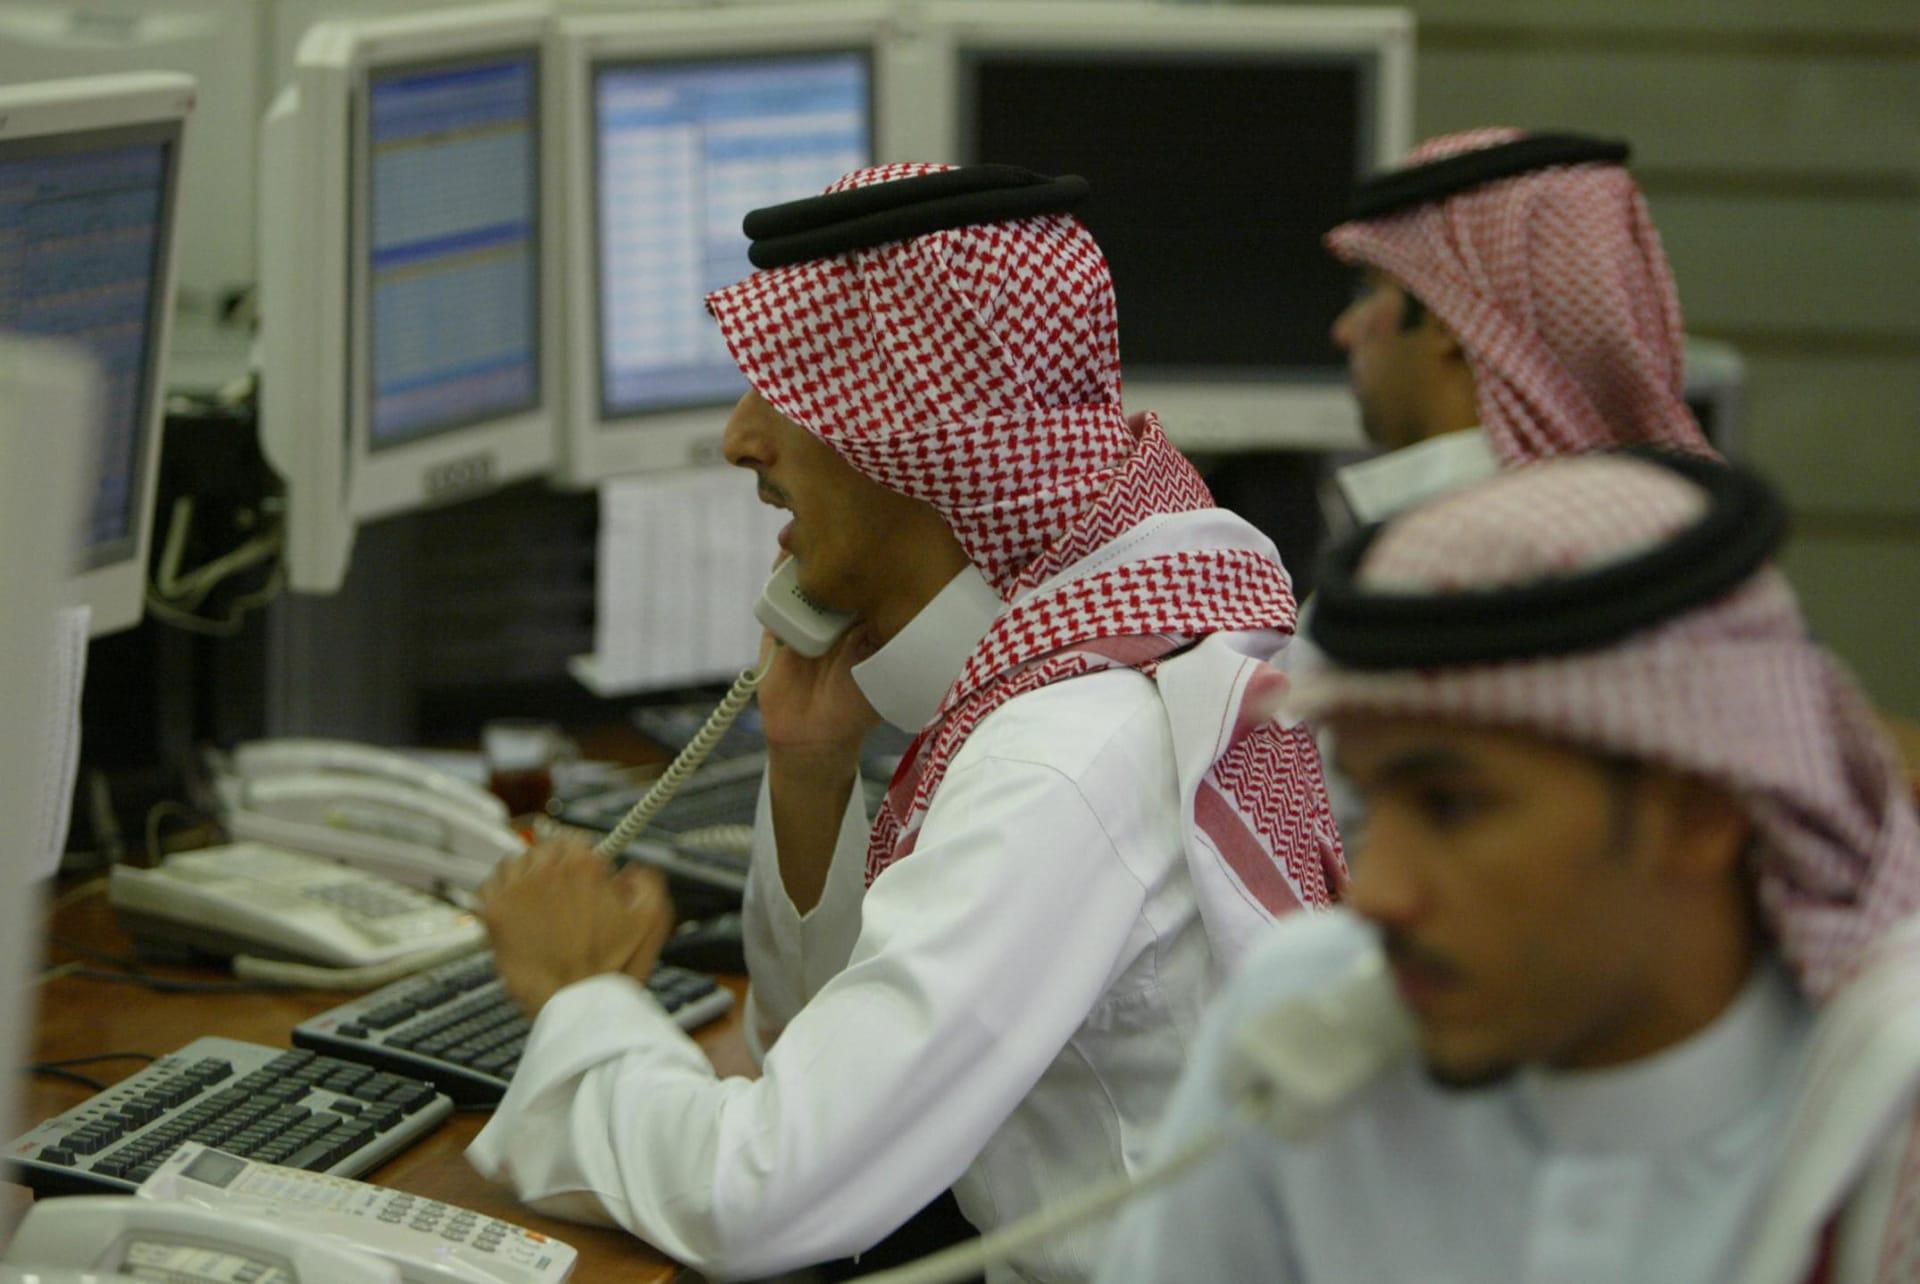 تبحث عن وظيفة في السعودية؟ هذا ما يتجه إليه سوق العمل في المملكة